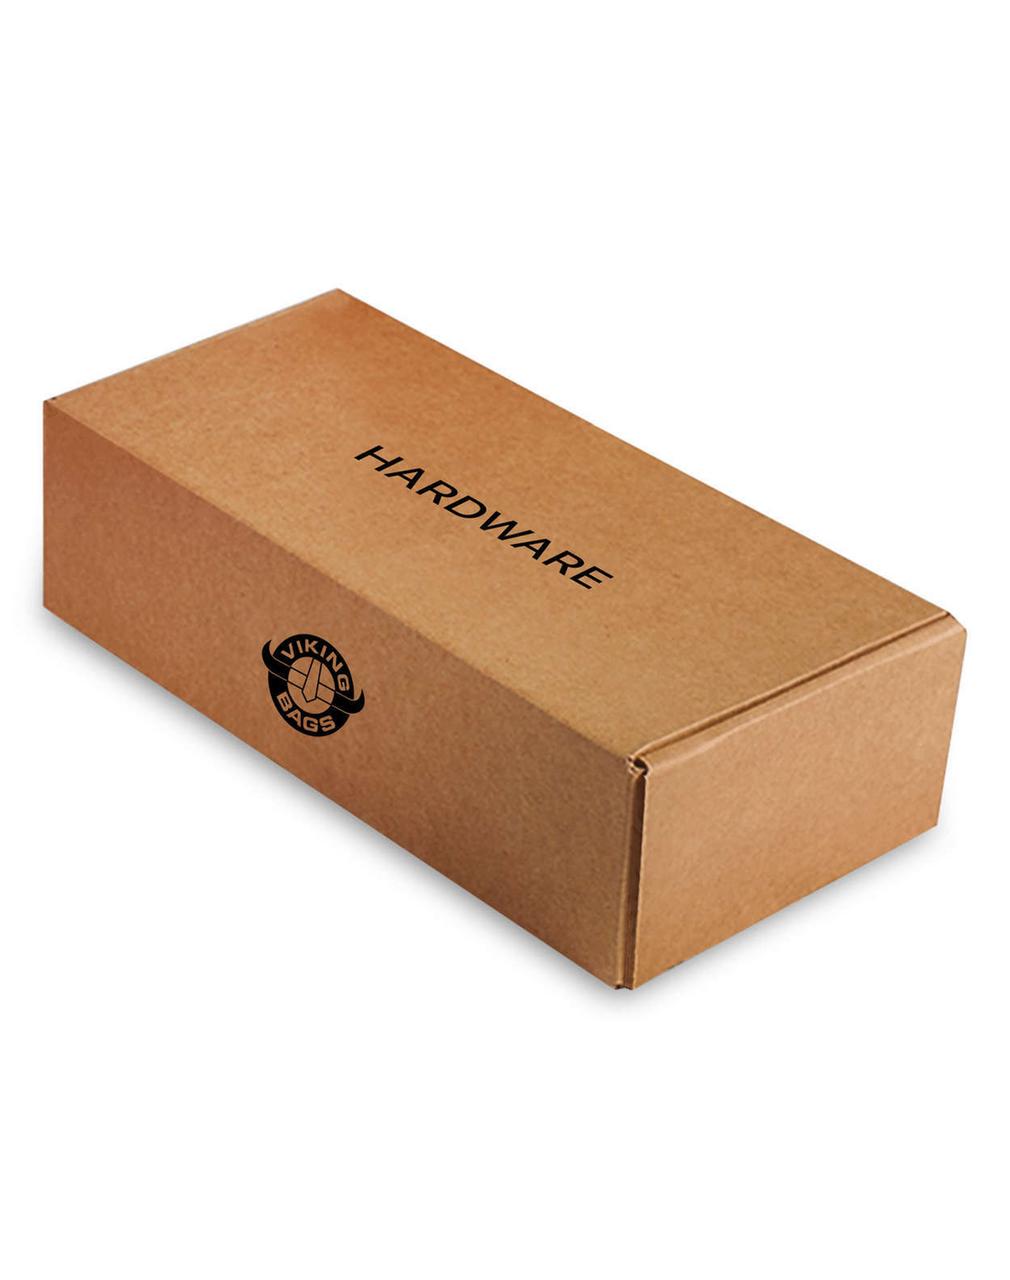 Indian Scout Sixty Slanted Medium Motorcycle Saddlebags Hardware Box